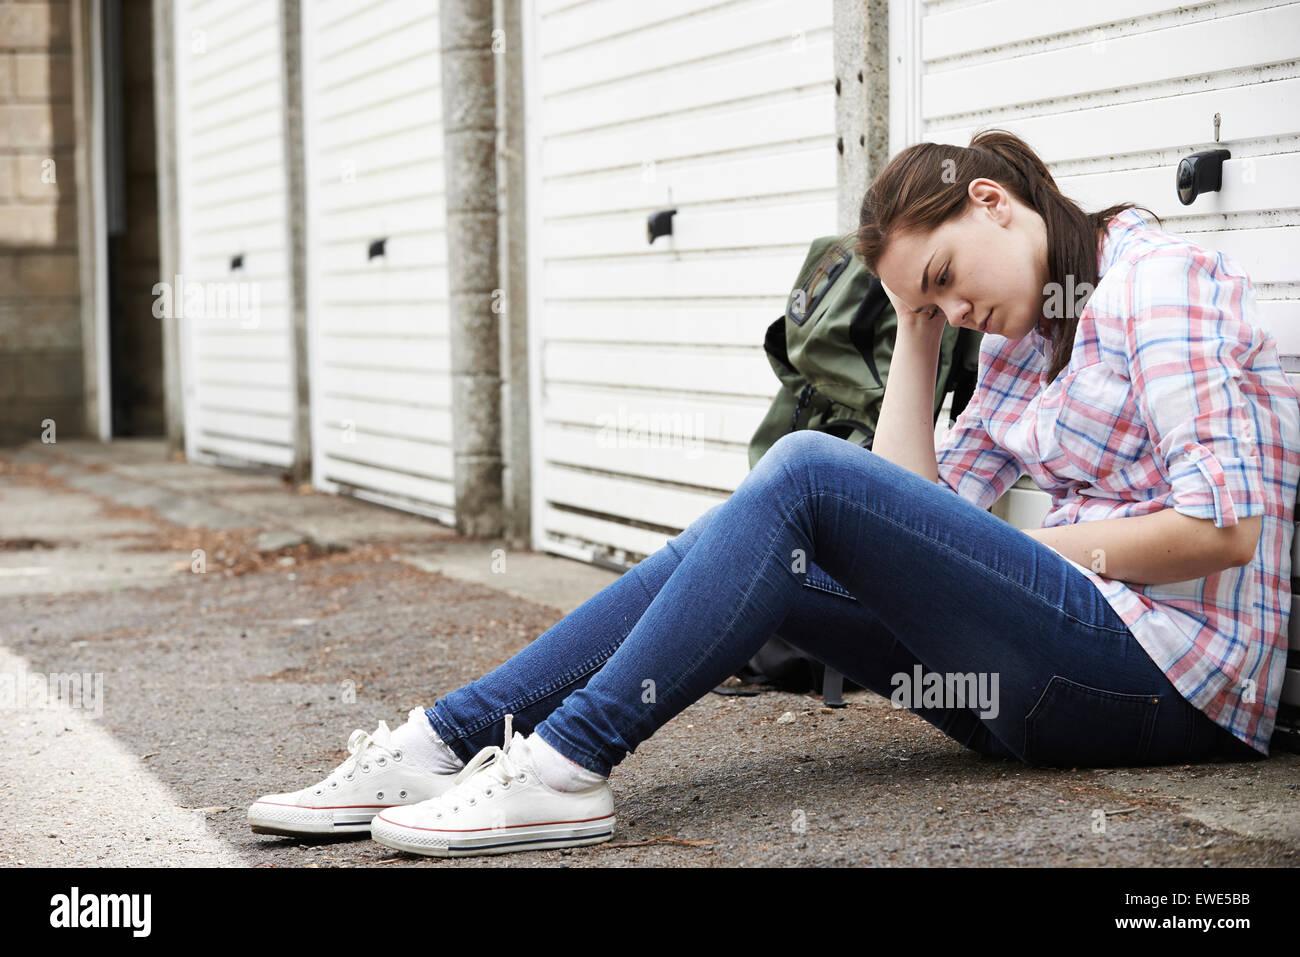 Obdachlose Teenager auf Straßen mit Rucksack Stockbild